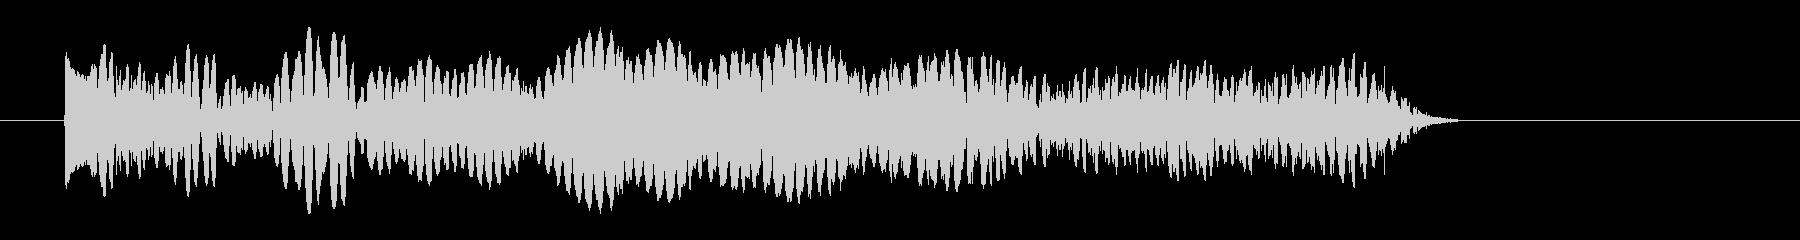 シューティング SFビーム発射音2 強めの未再生の波形